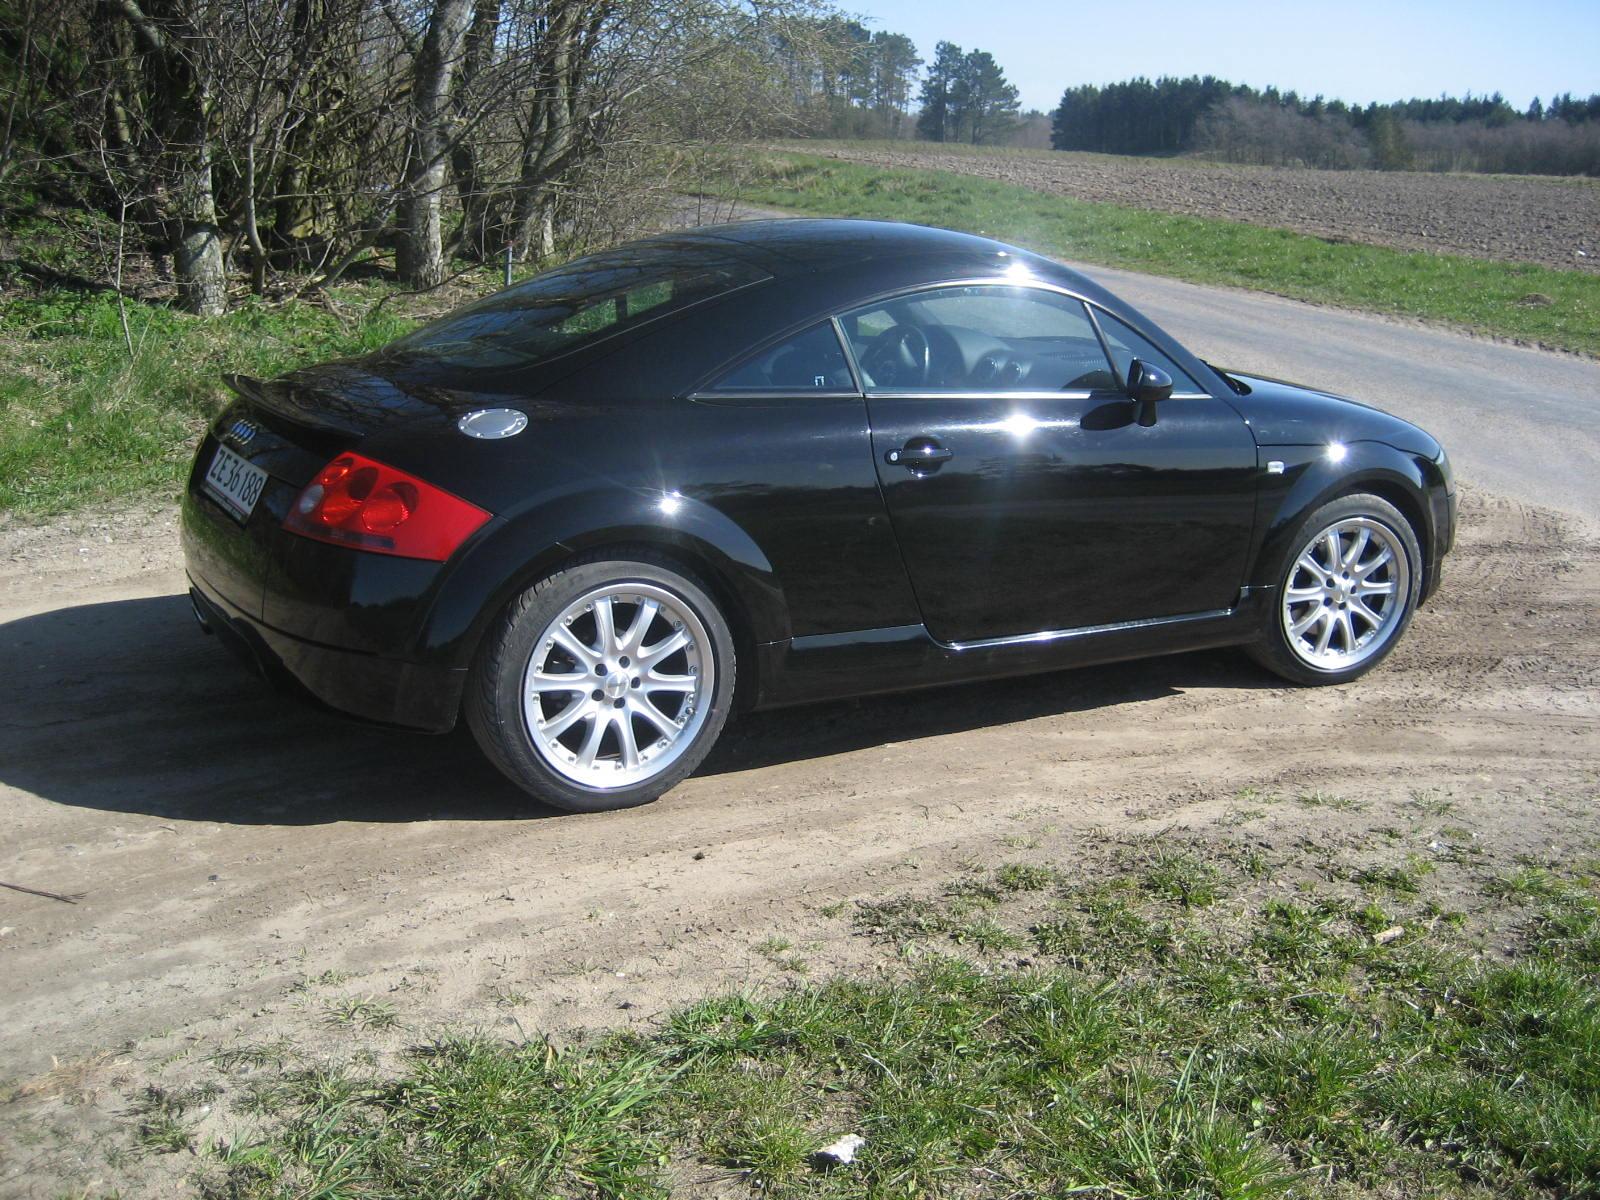 2000 Audi TT - Pictures - CarGurus